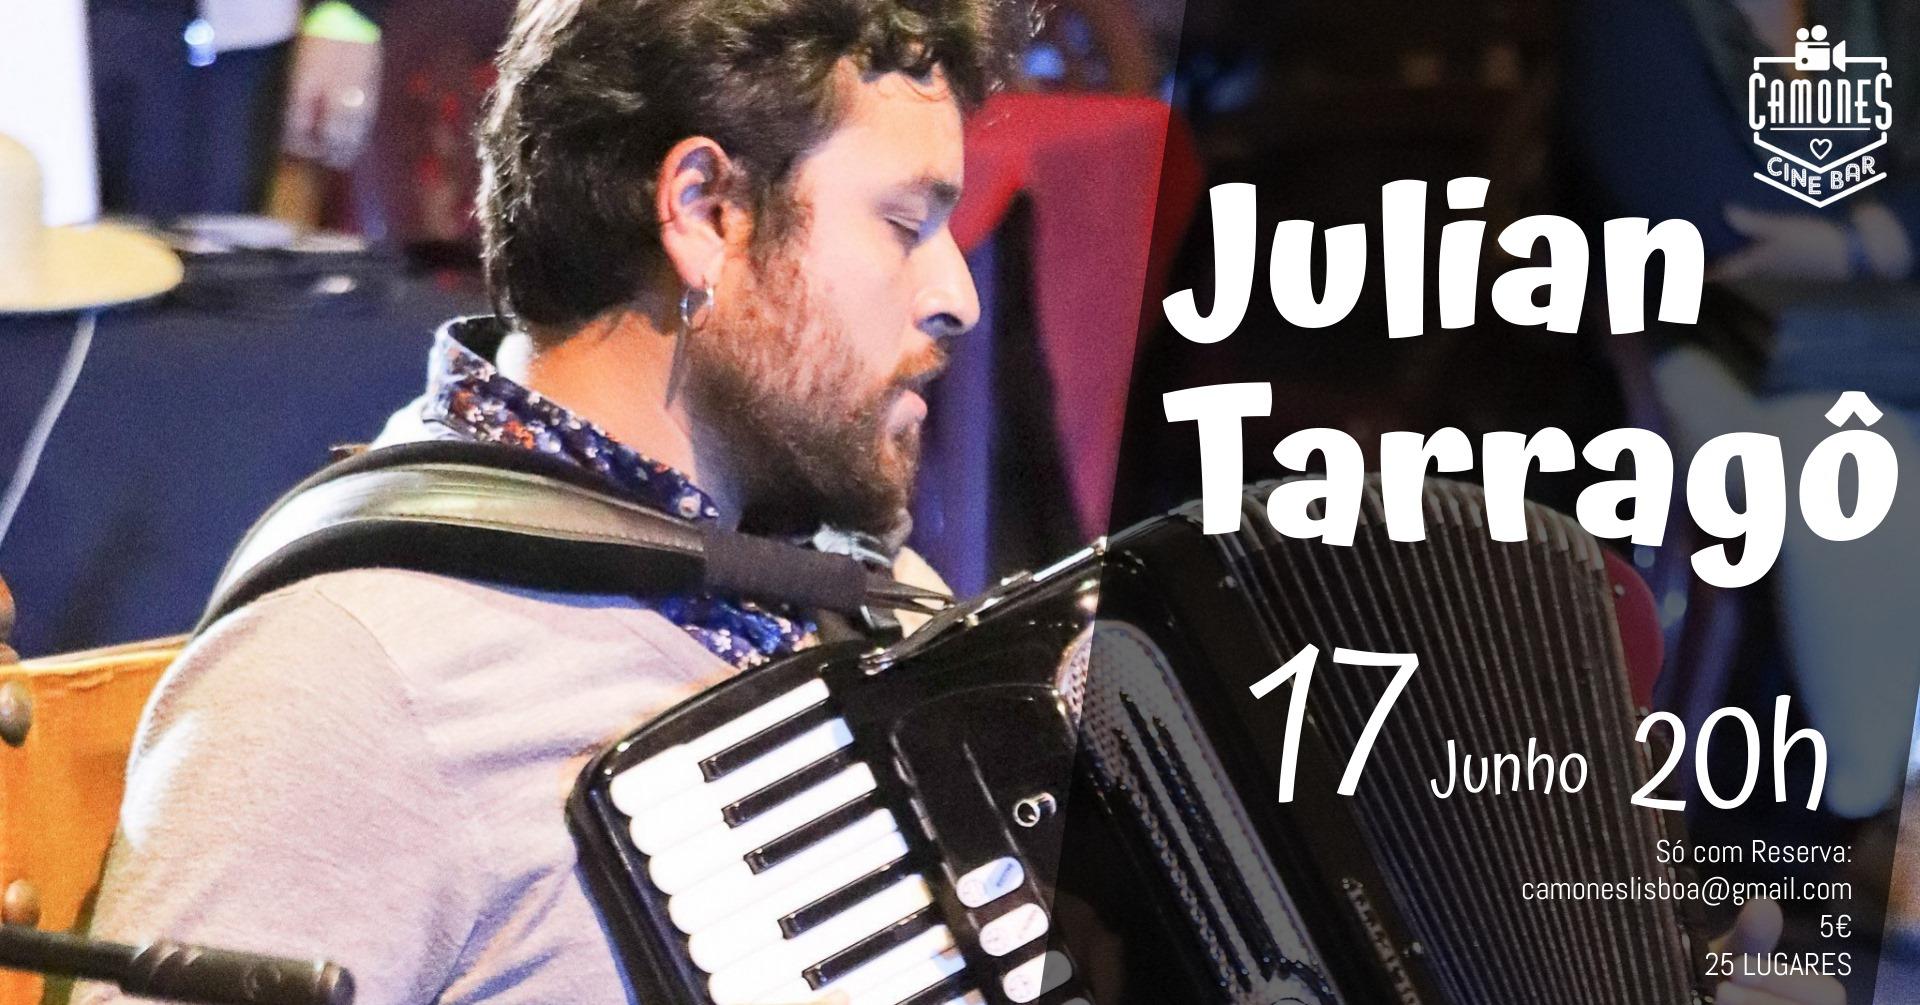 Julian Tarragô